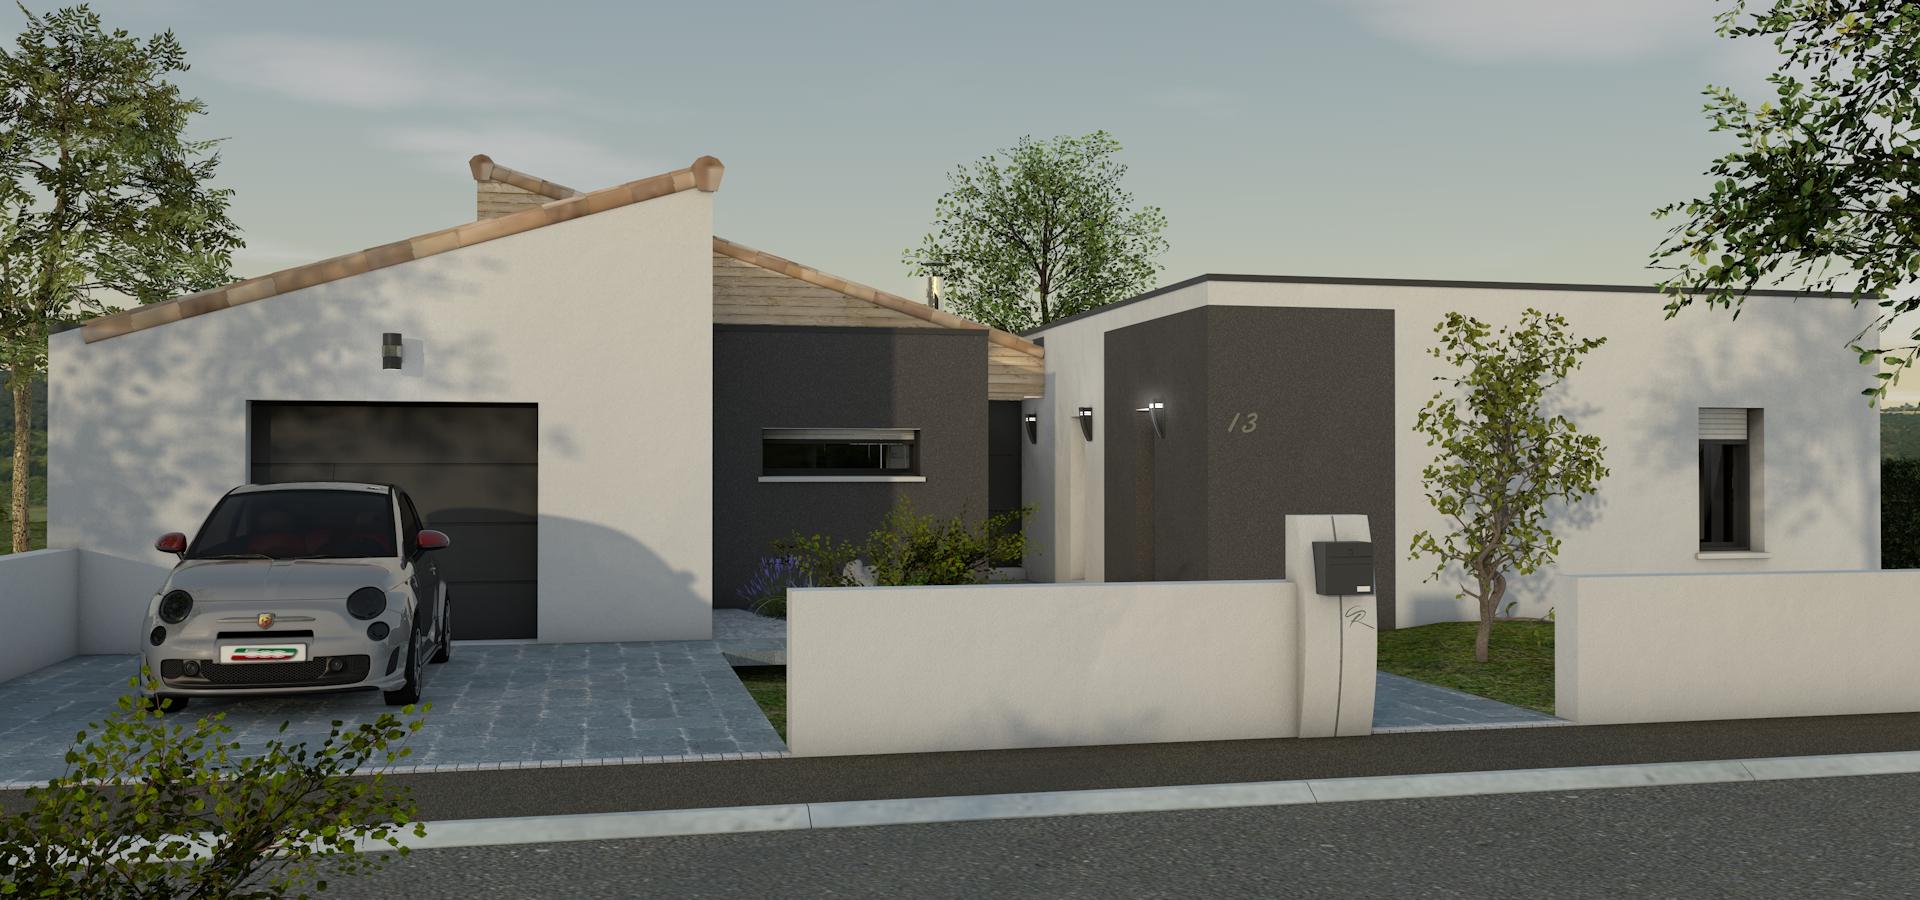 Maison moderne toit plat couvertures tuile monopentes pers2